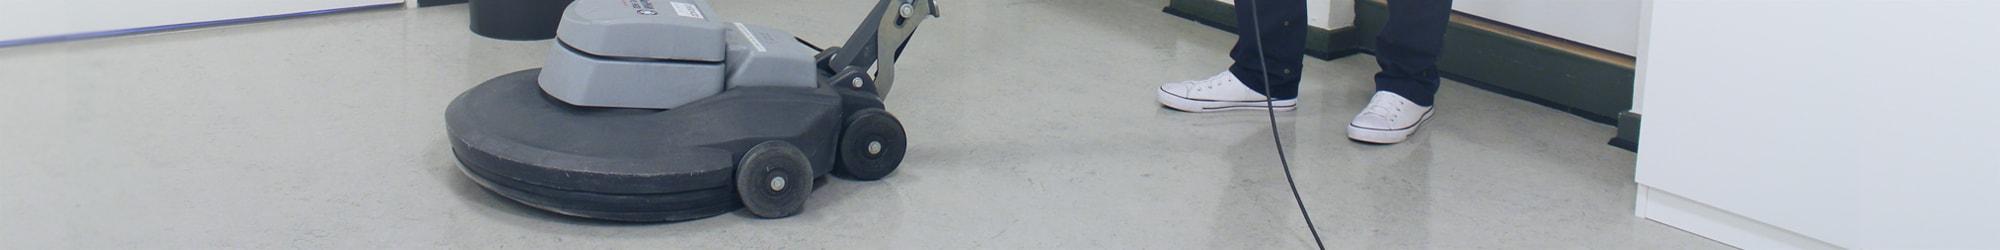 Polering af gulv i nystartet rengøringsvirksomhed